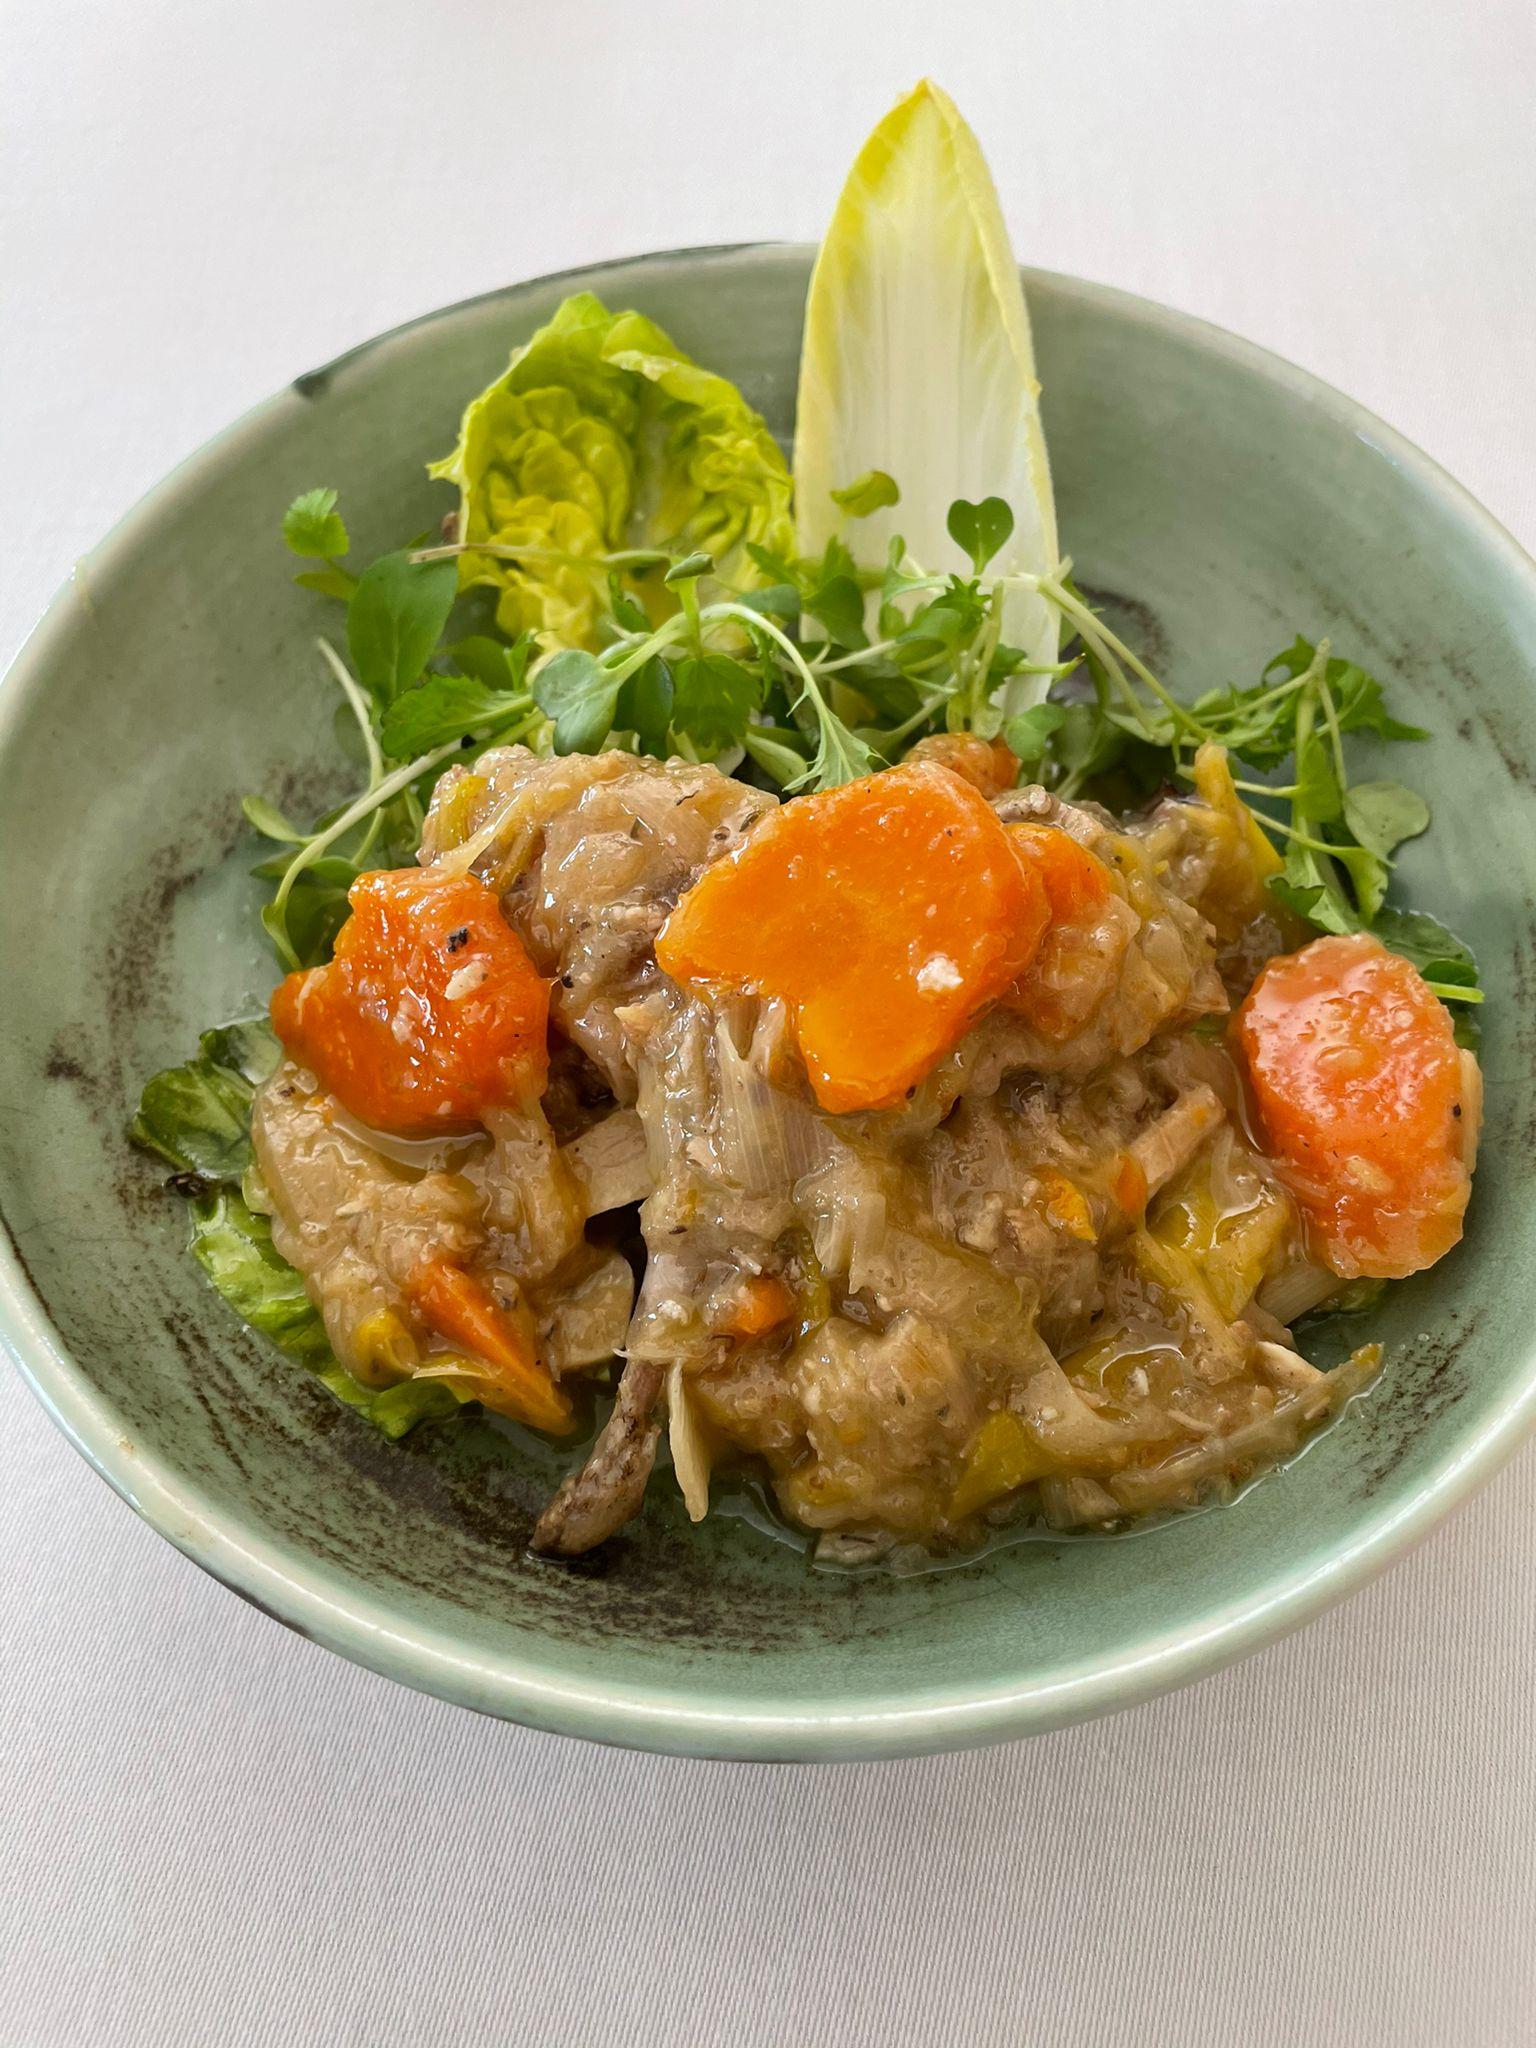 Reseñas gastronómicas. Restaurante Lera en Castroverde de Campos 9